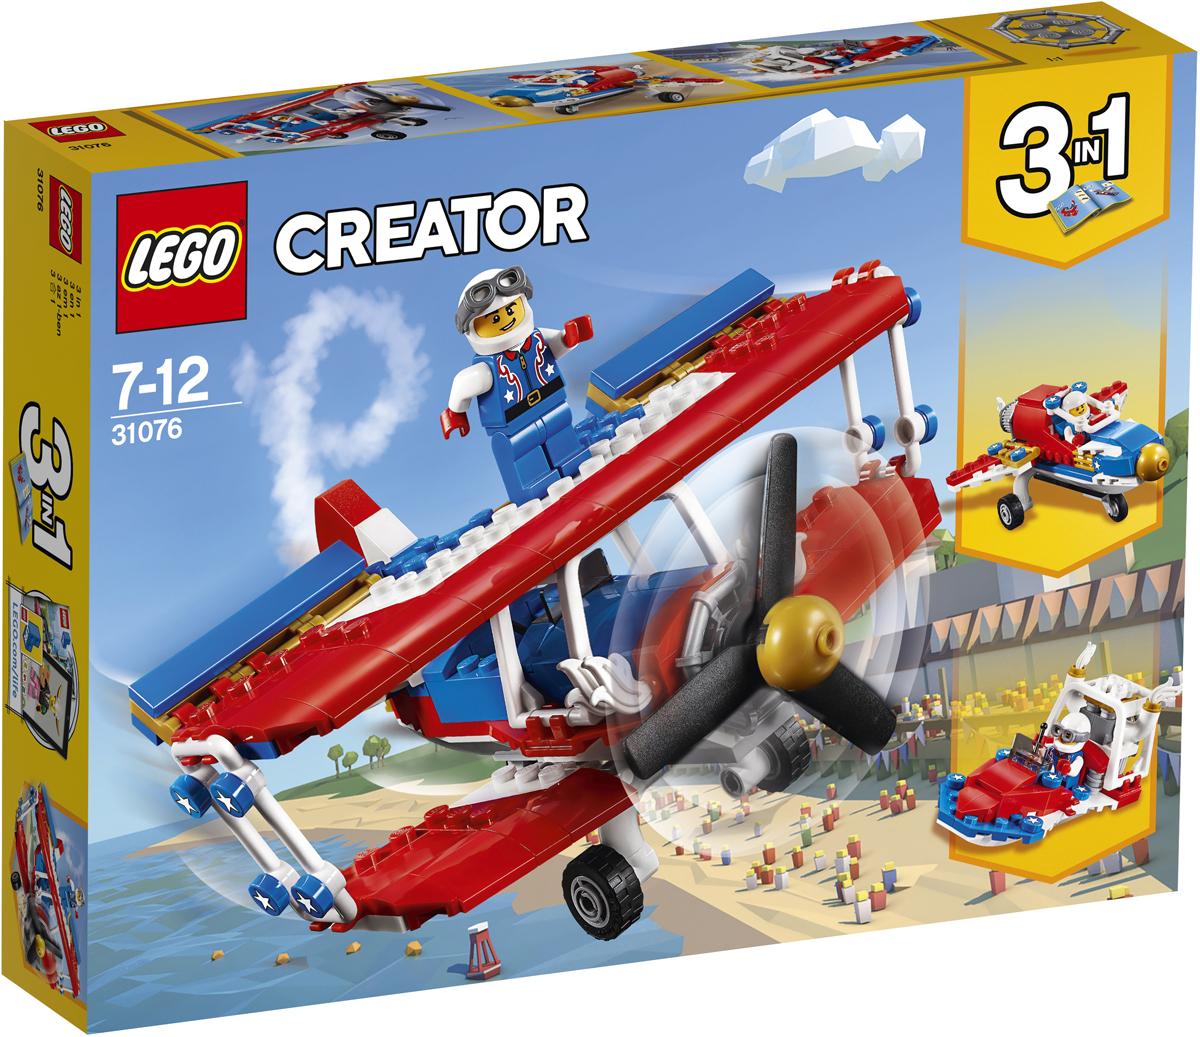 LEGO Creator Конструктор Самолет для крутых трюков 31076